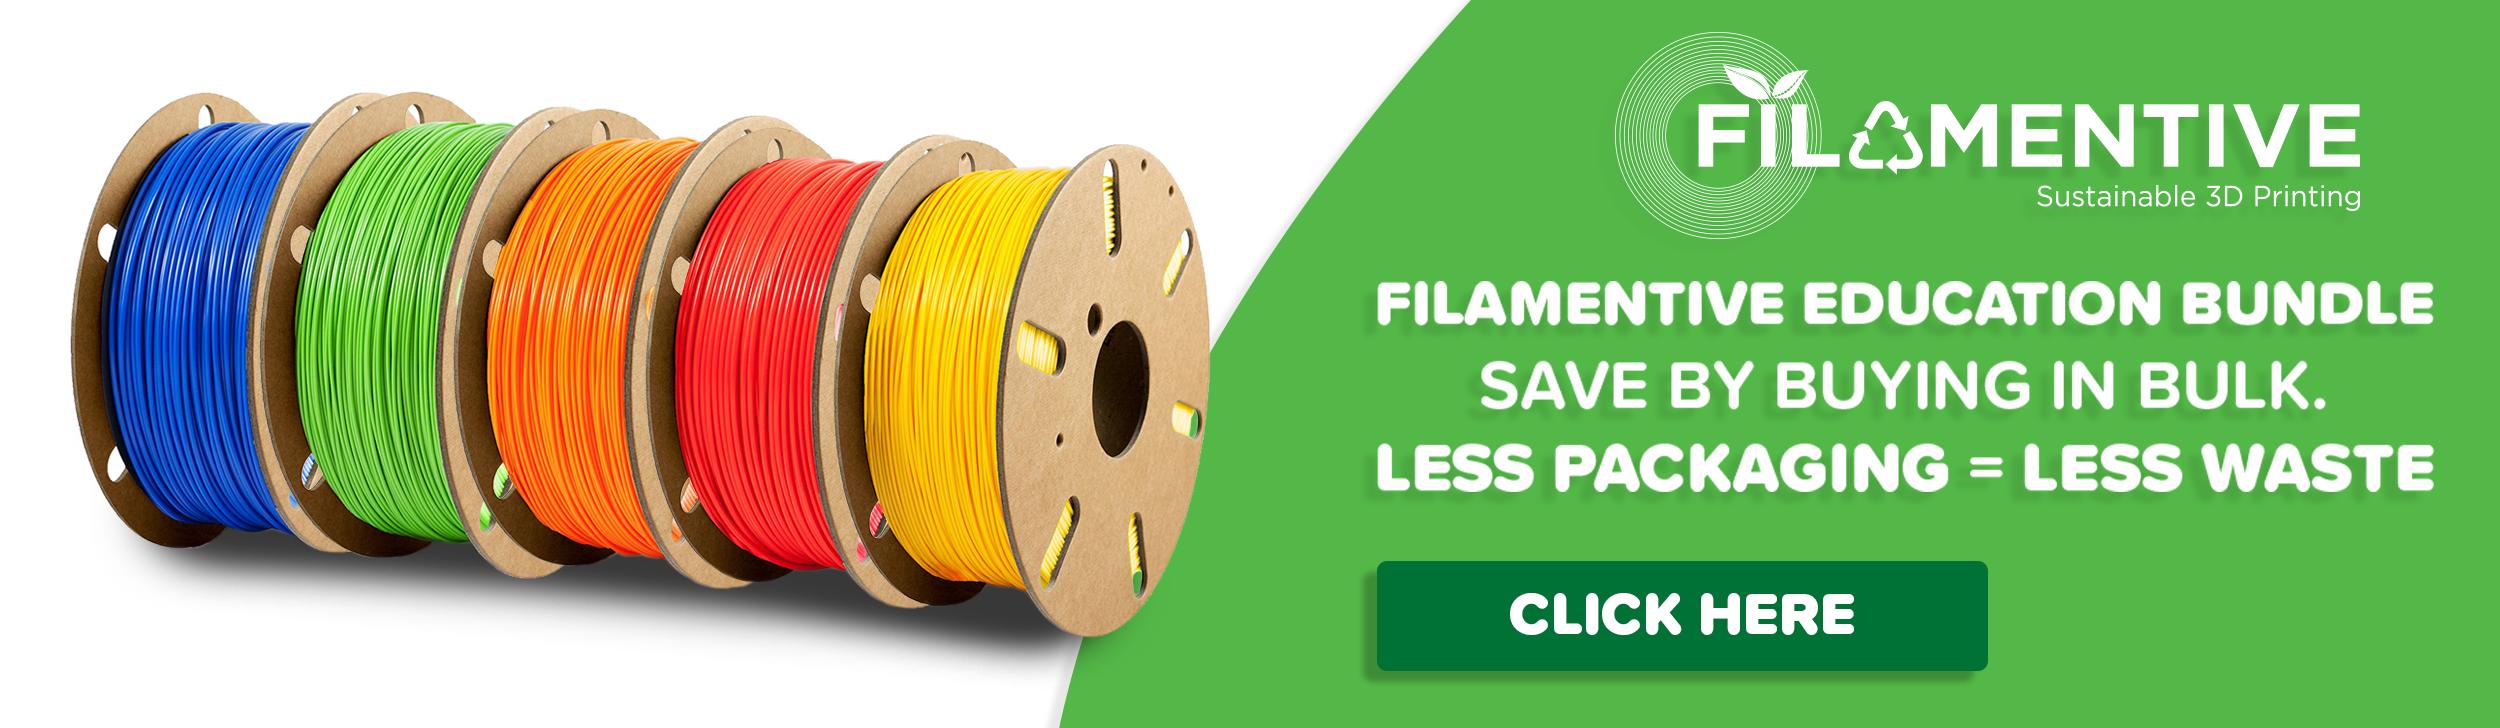 3D Printer Filamentive Filaments